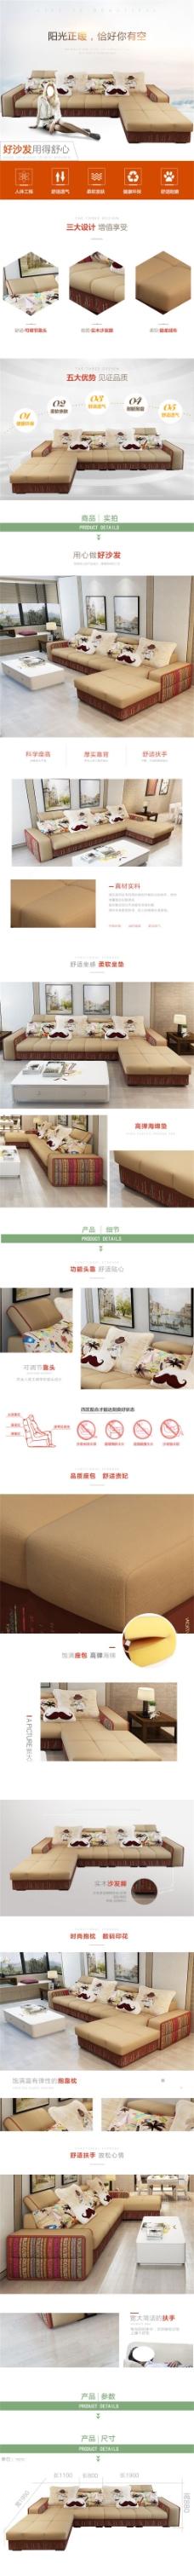 淘宝电商天猫家具欧美式沙发详情页psd模板